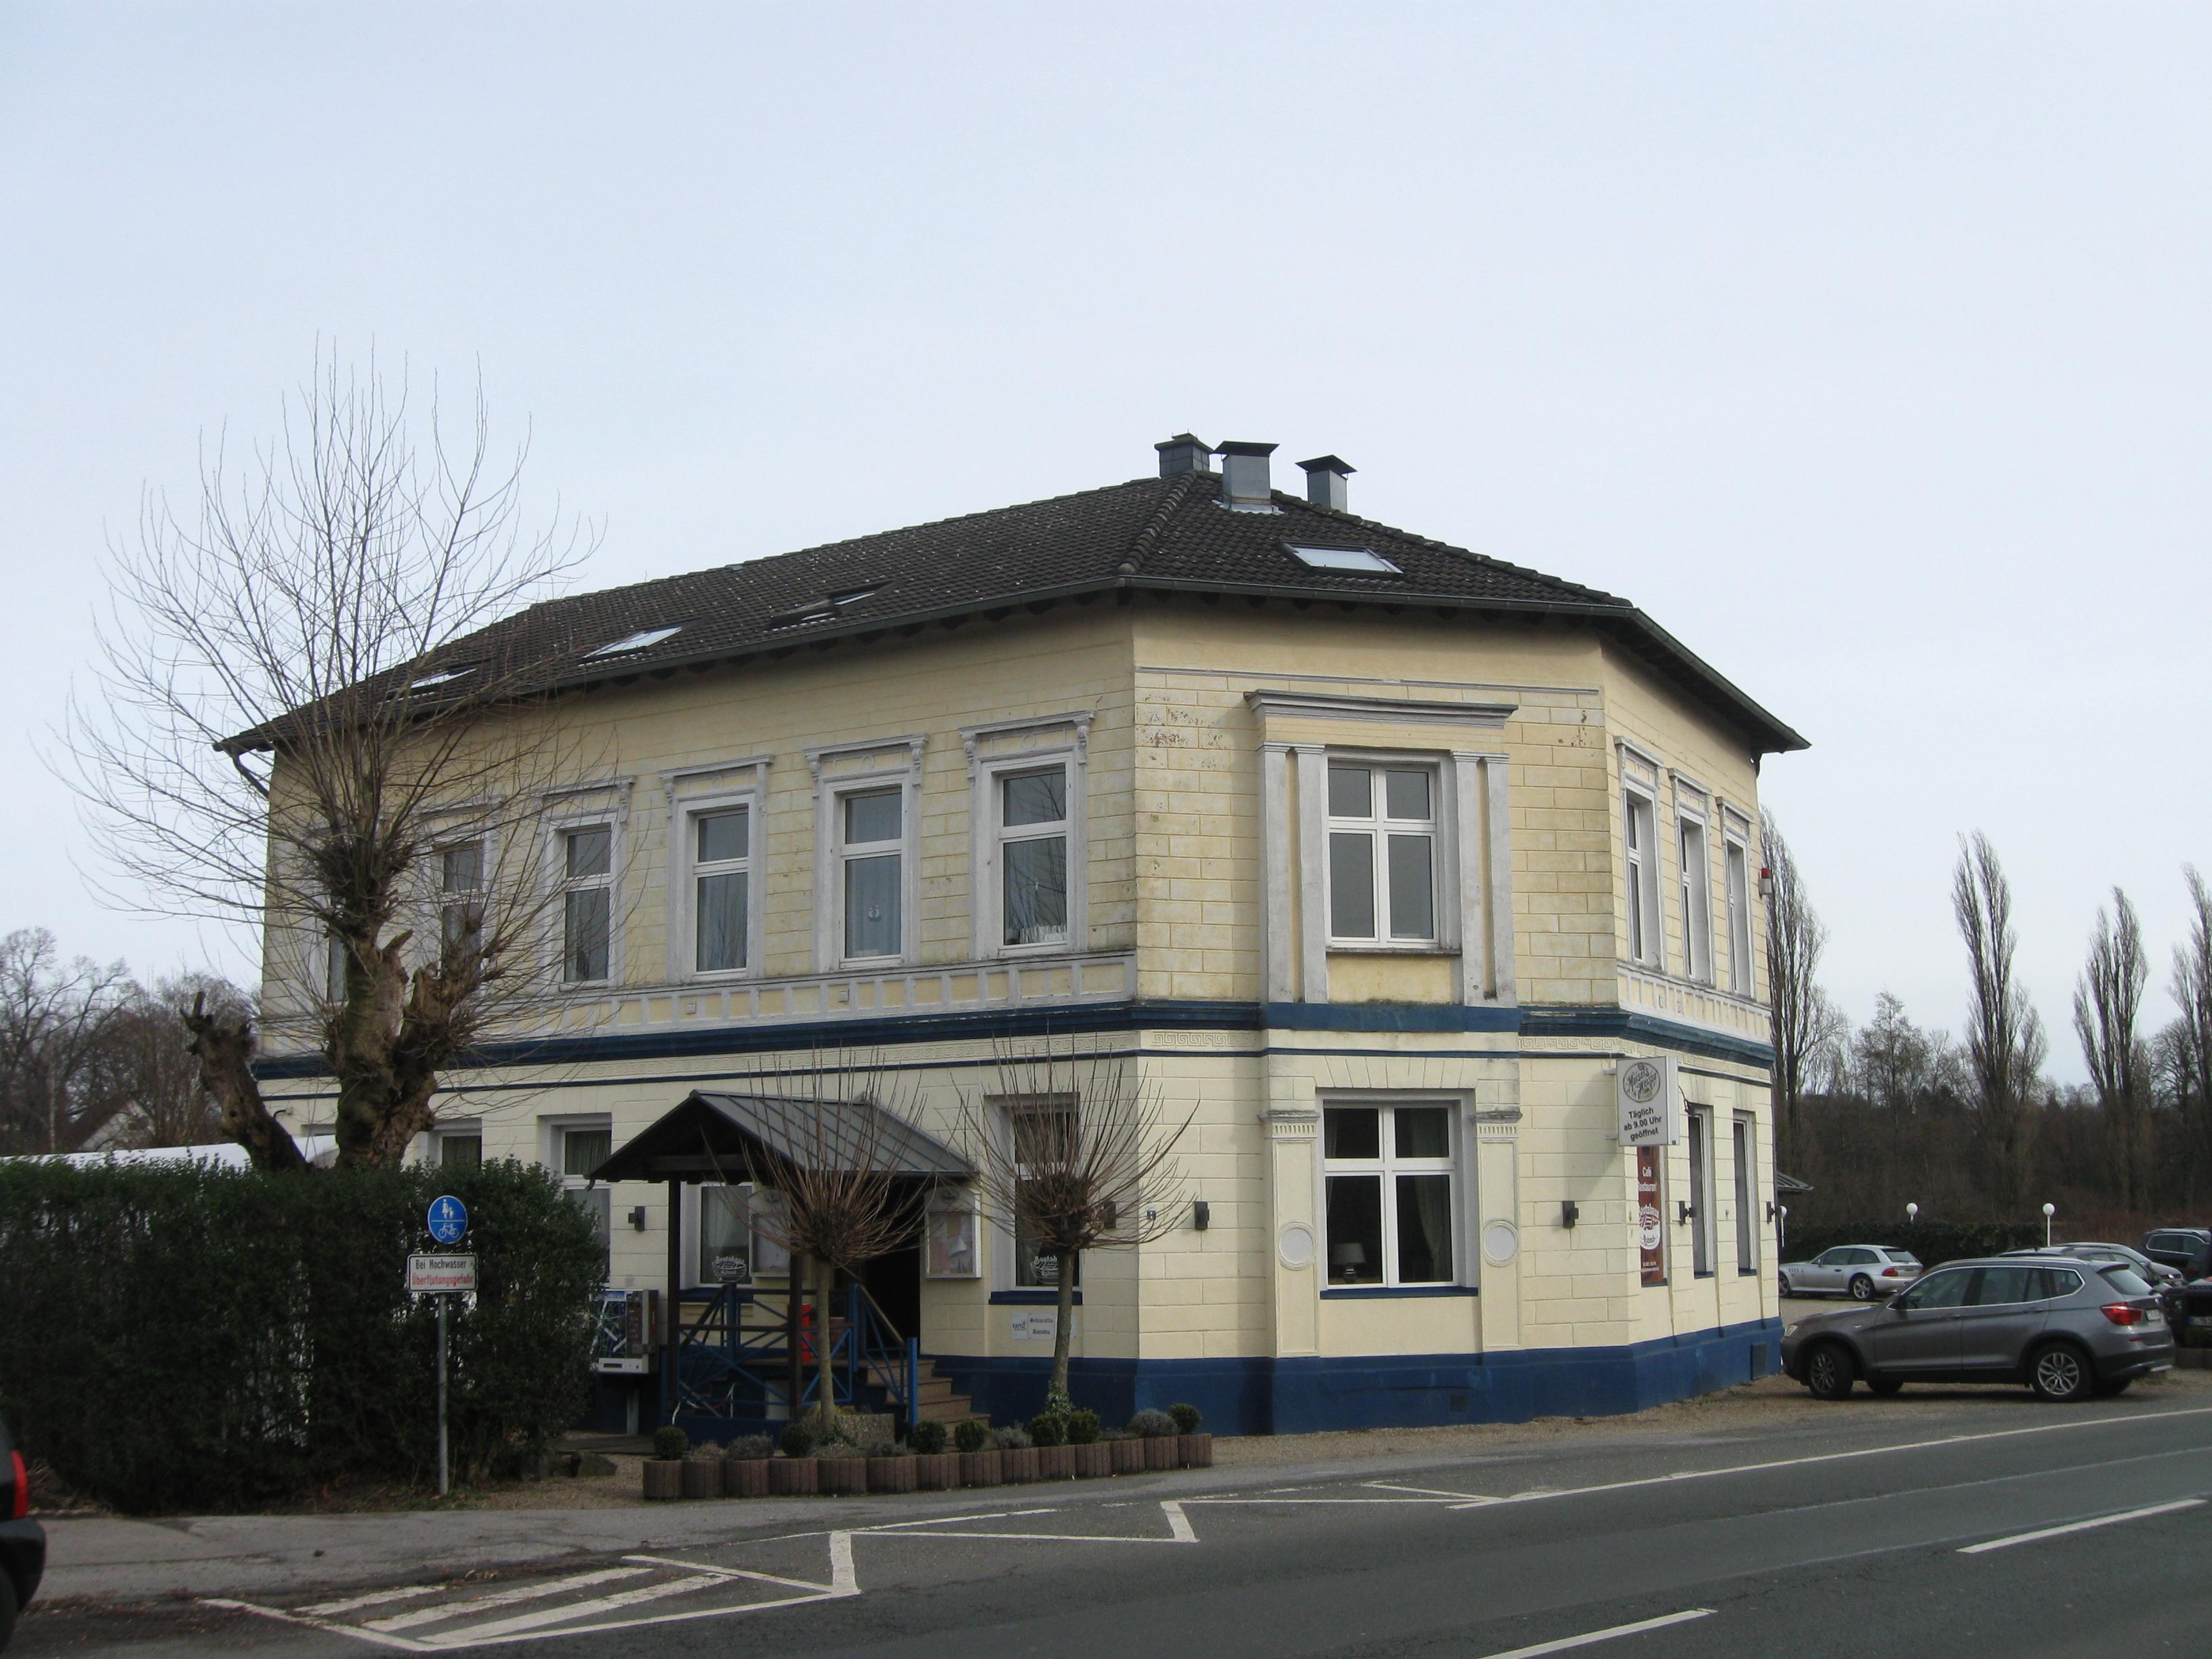 Bootshaus Essen Steele